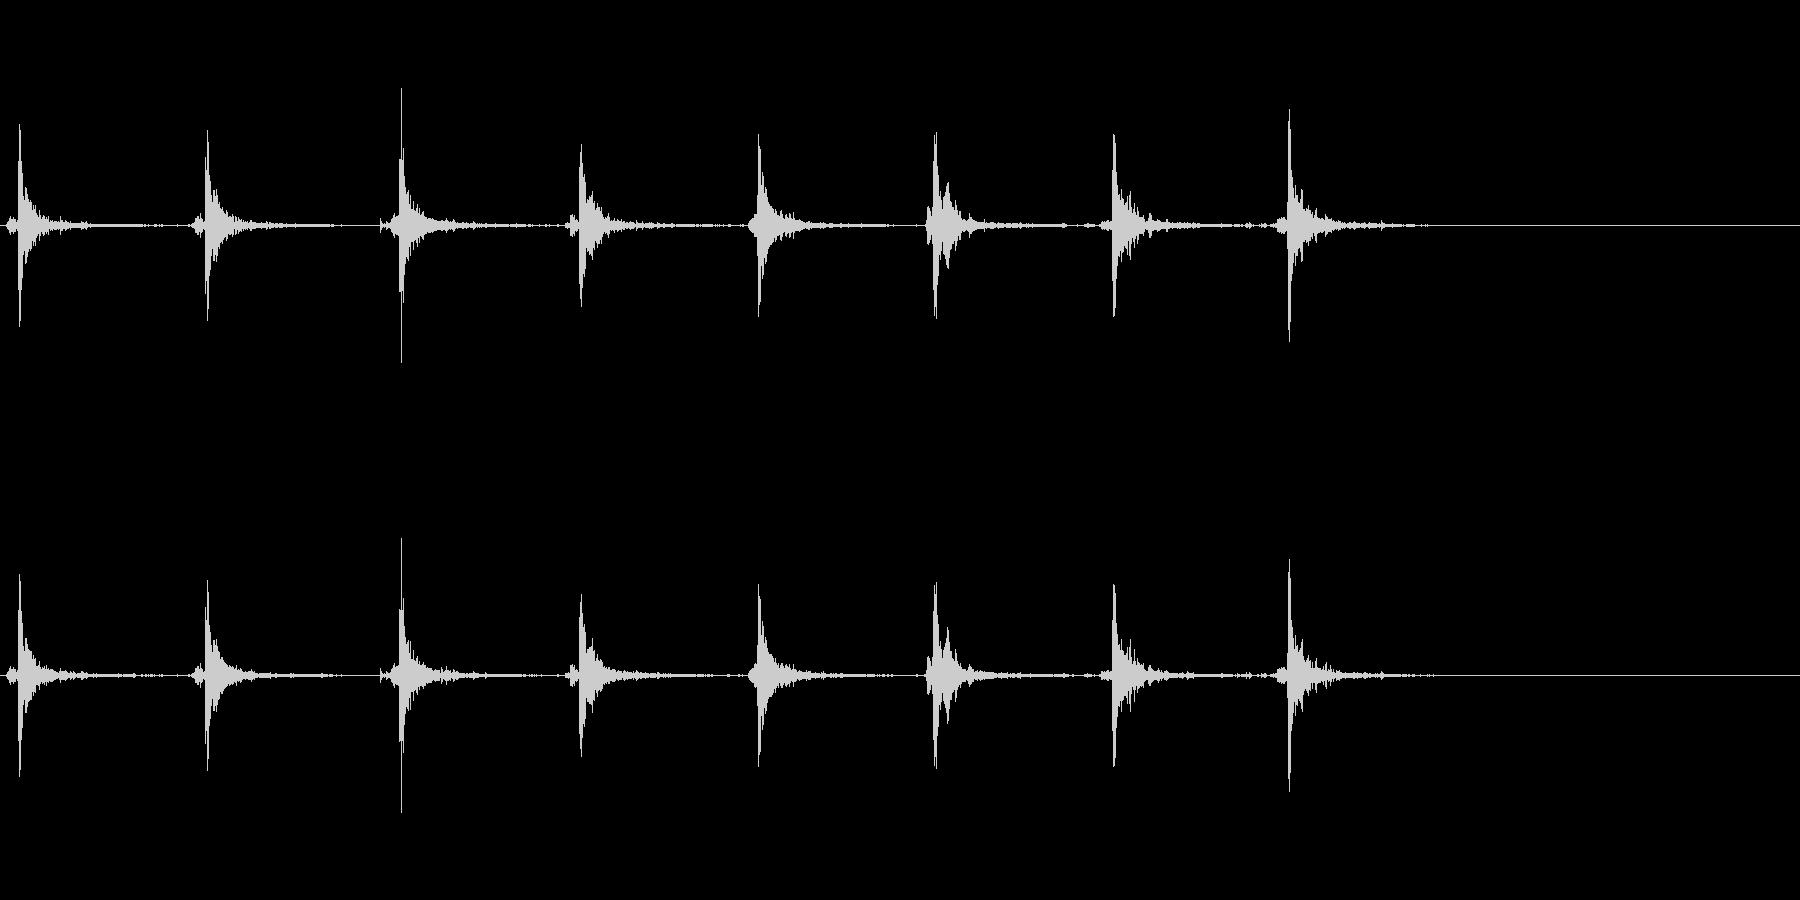 【生録音】神楽鈴 手に当てた音の未再生の波形